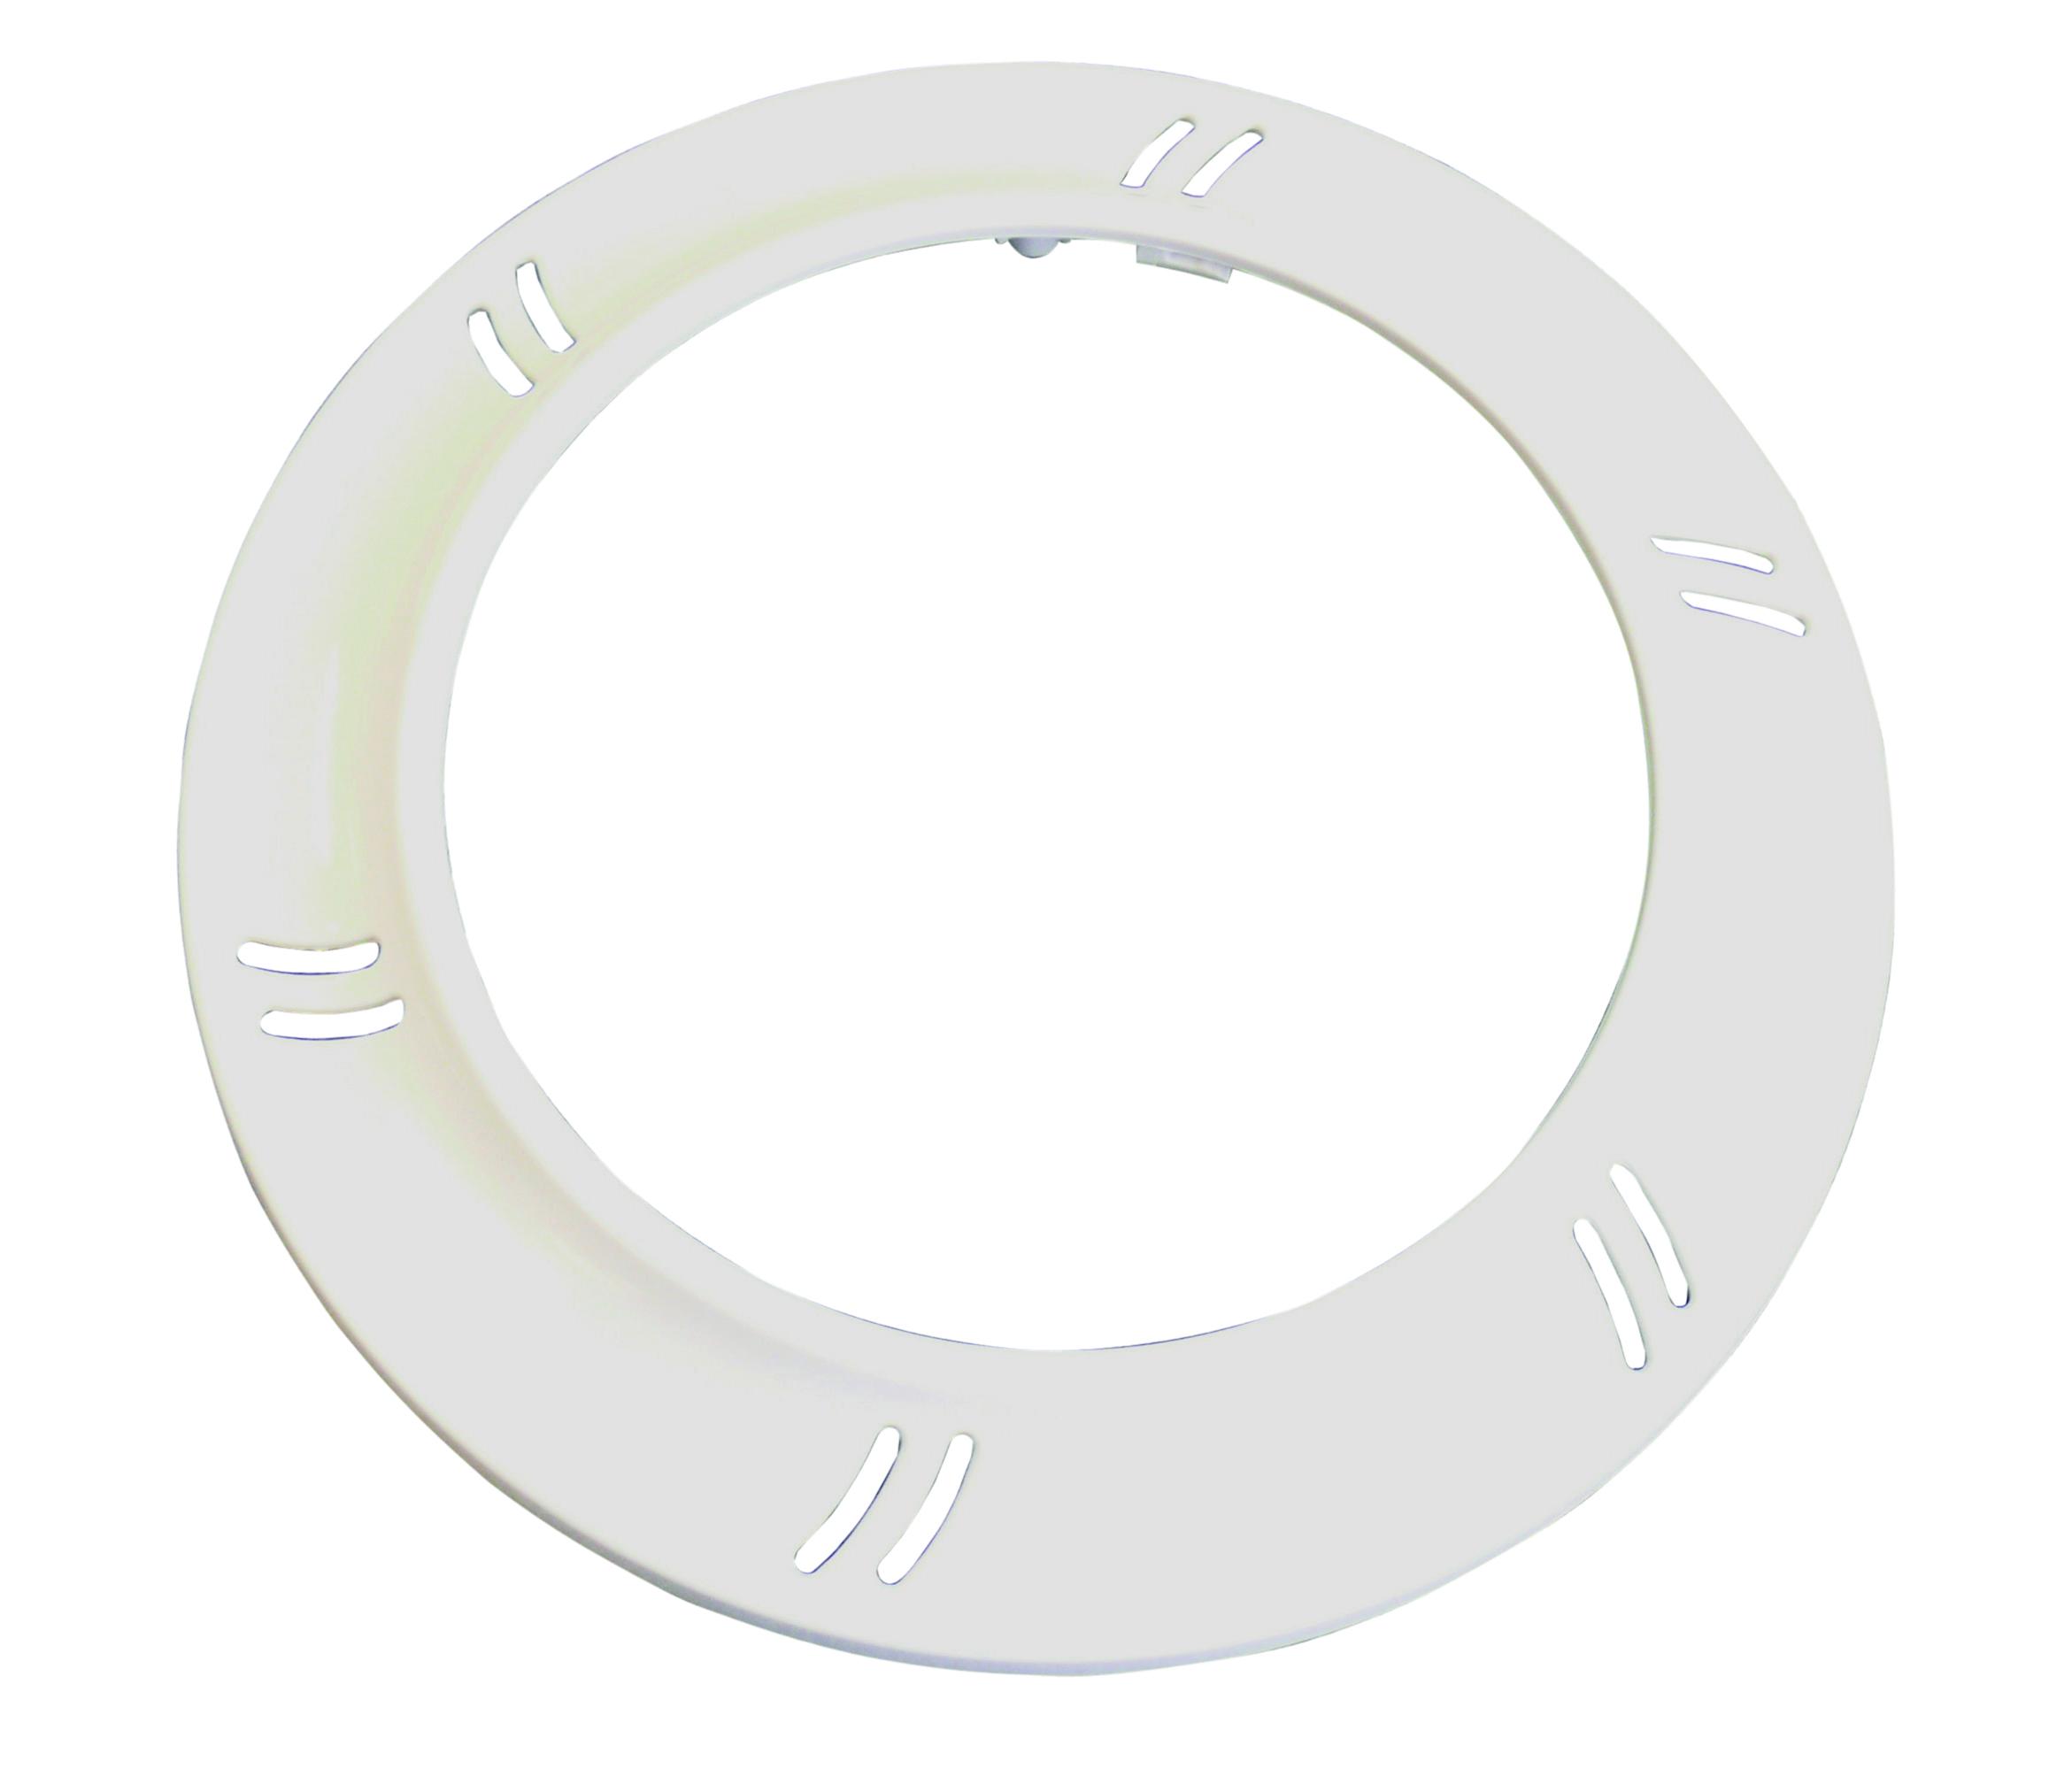 Rámeček světla Adagio plast - d=10 cm